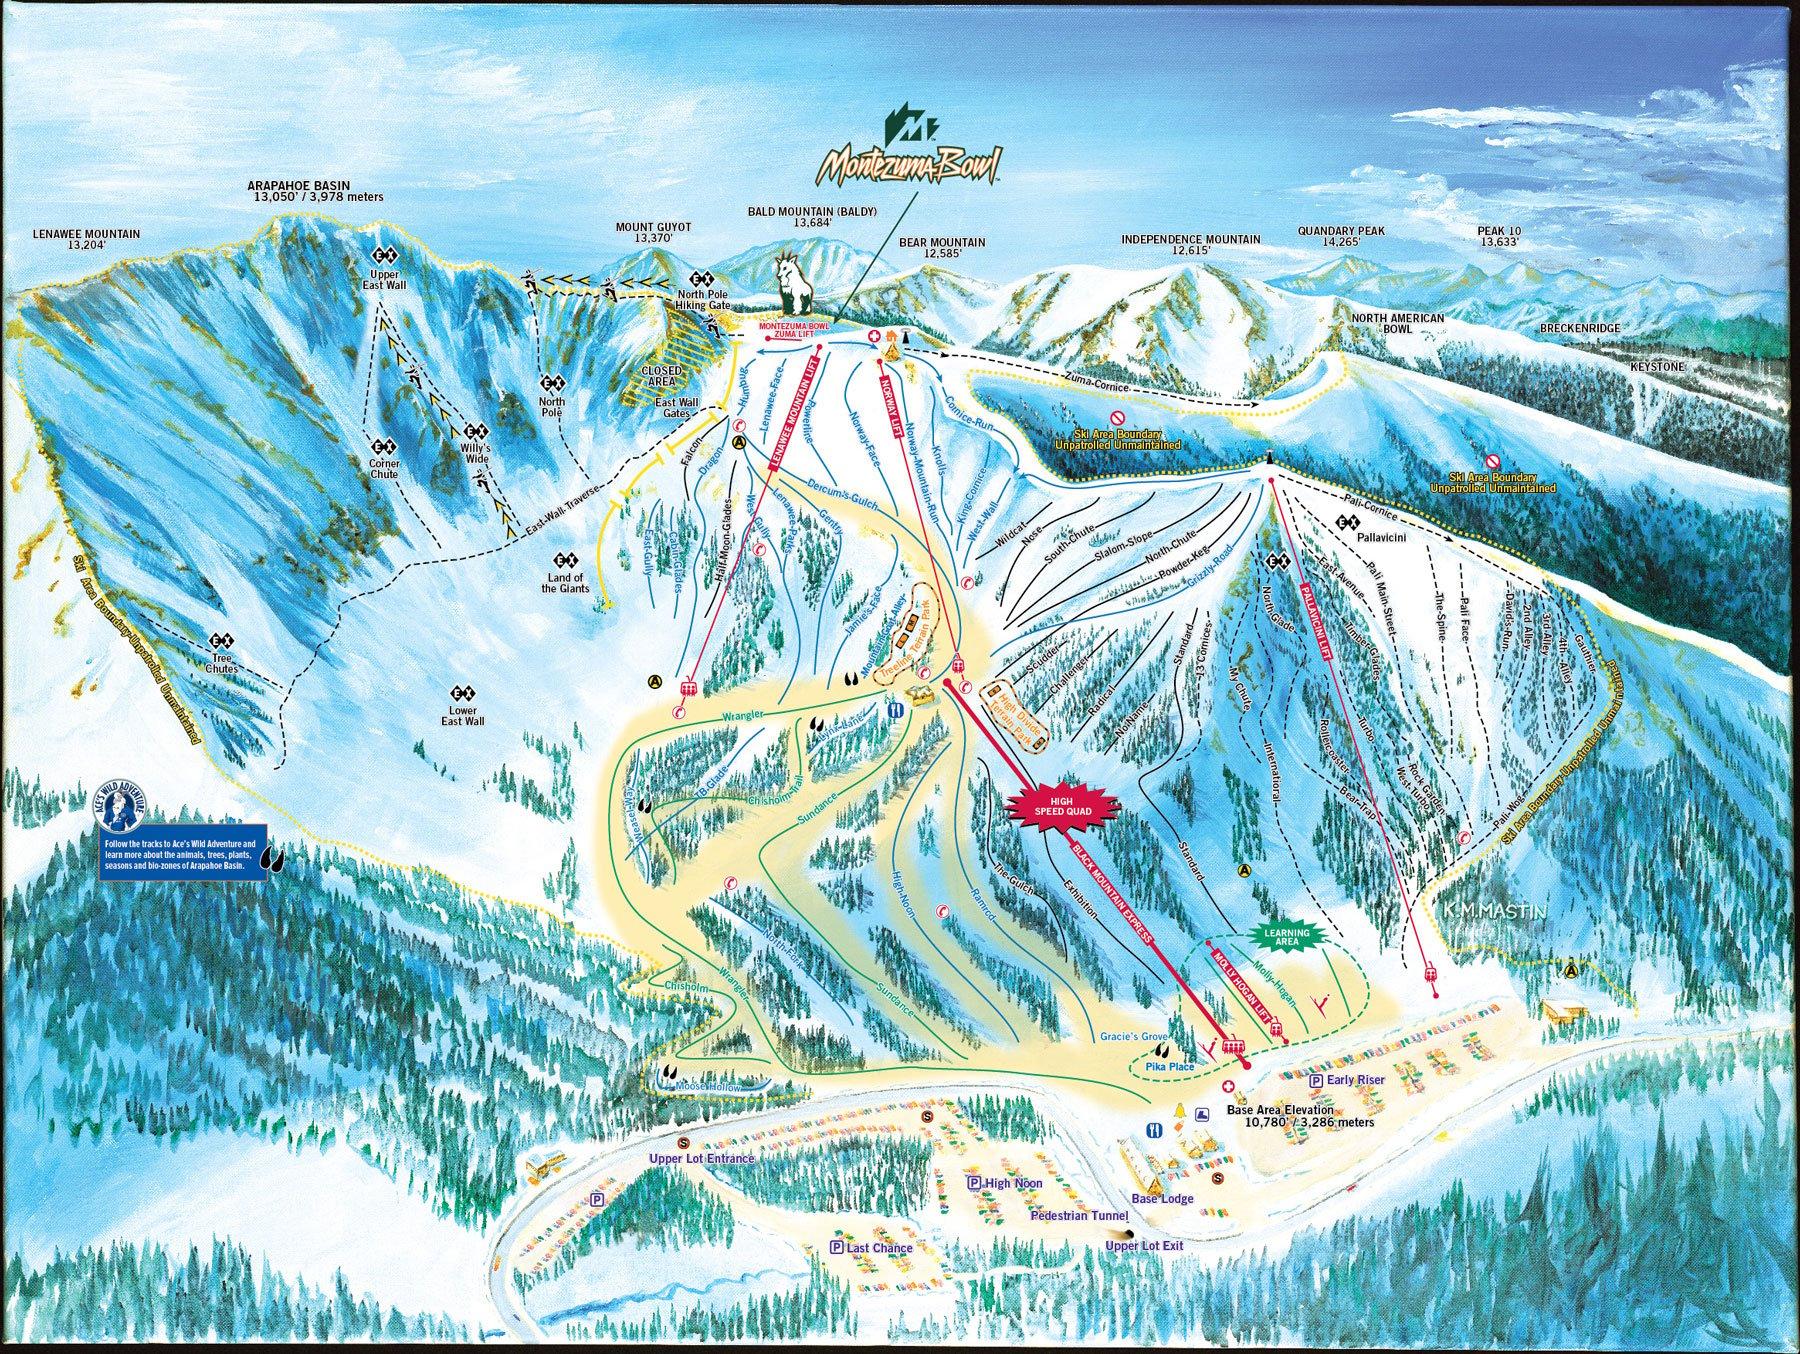 A Basin Map Arapahoe Basin Skiing & Snowboarding Resort Guide | evo A Basin Map